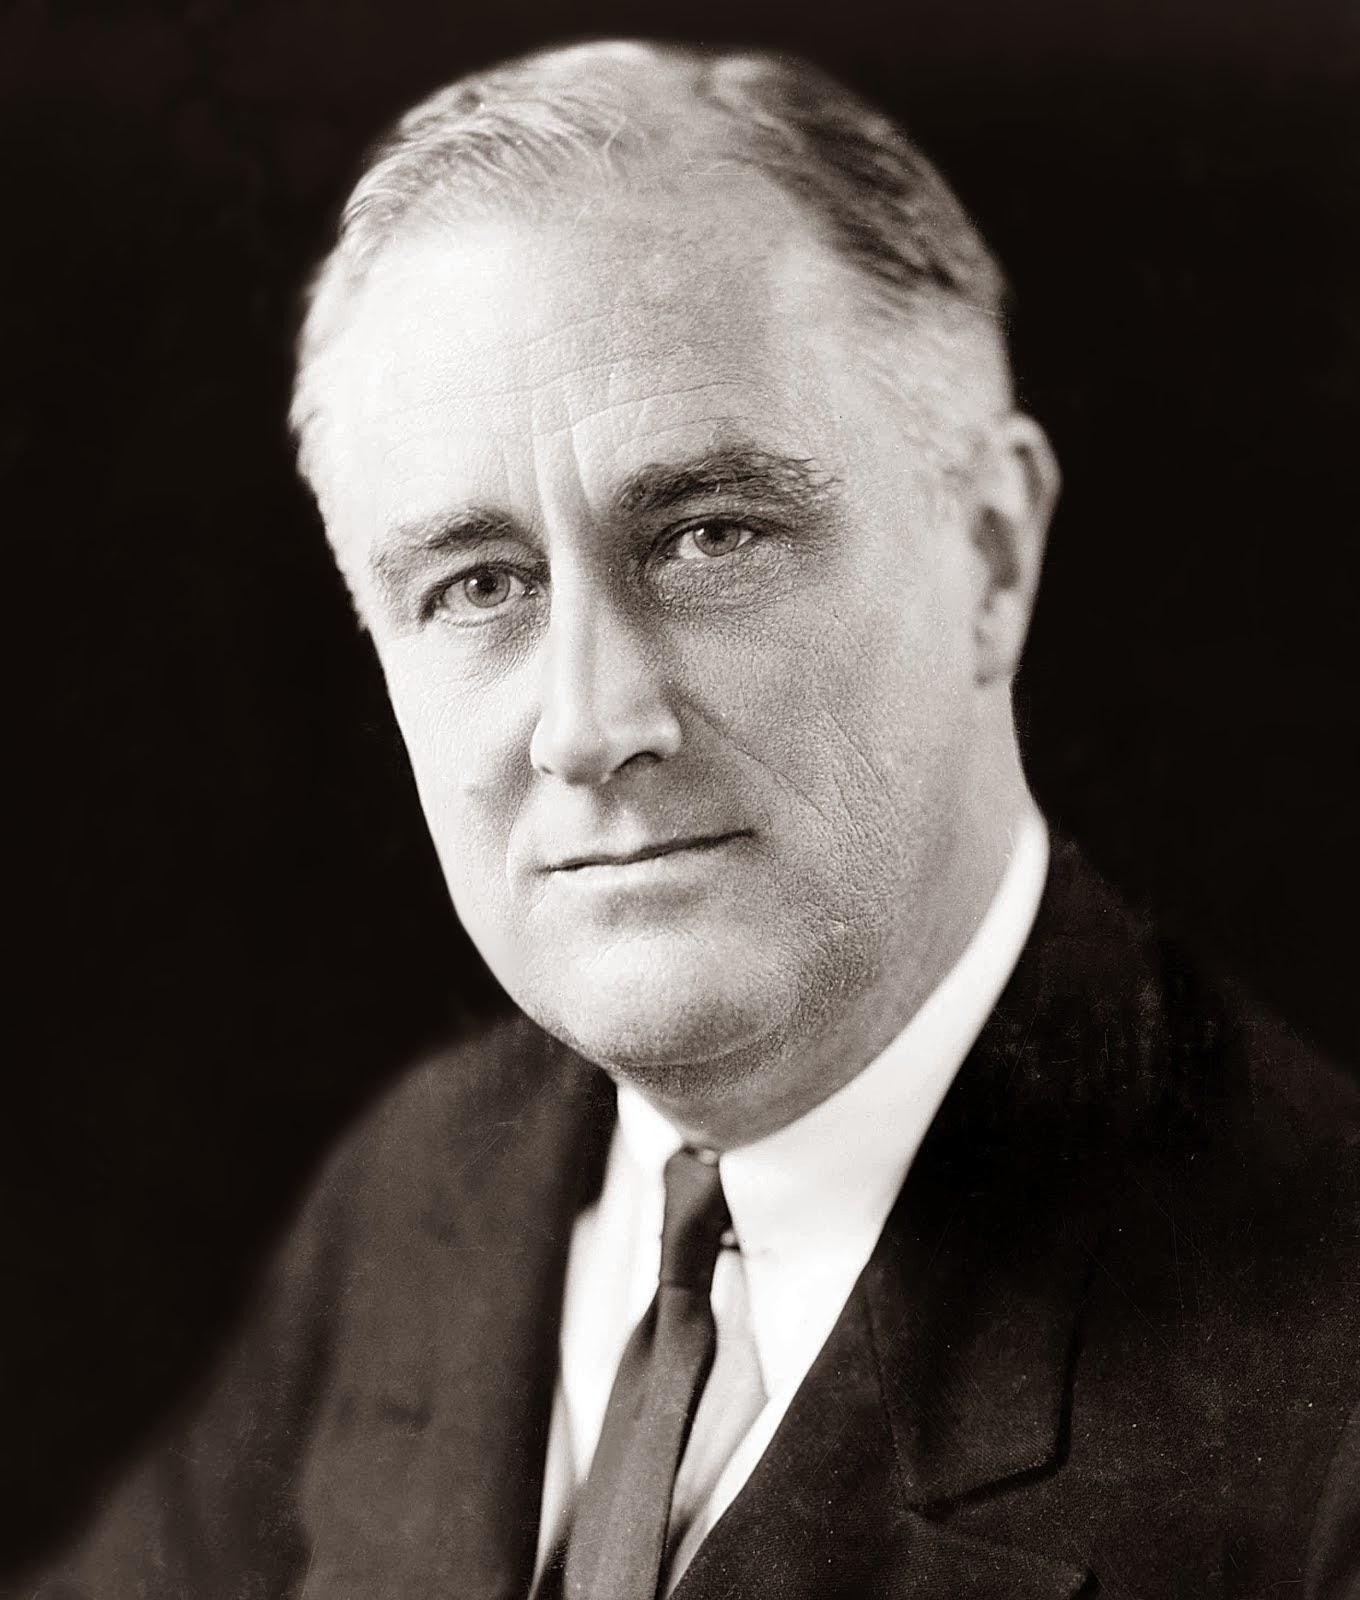 Franklin D Roosevelt 1933